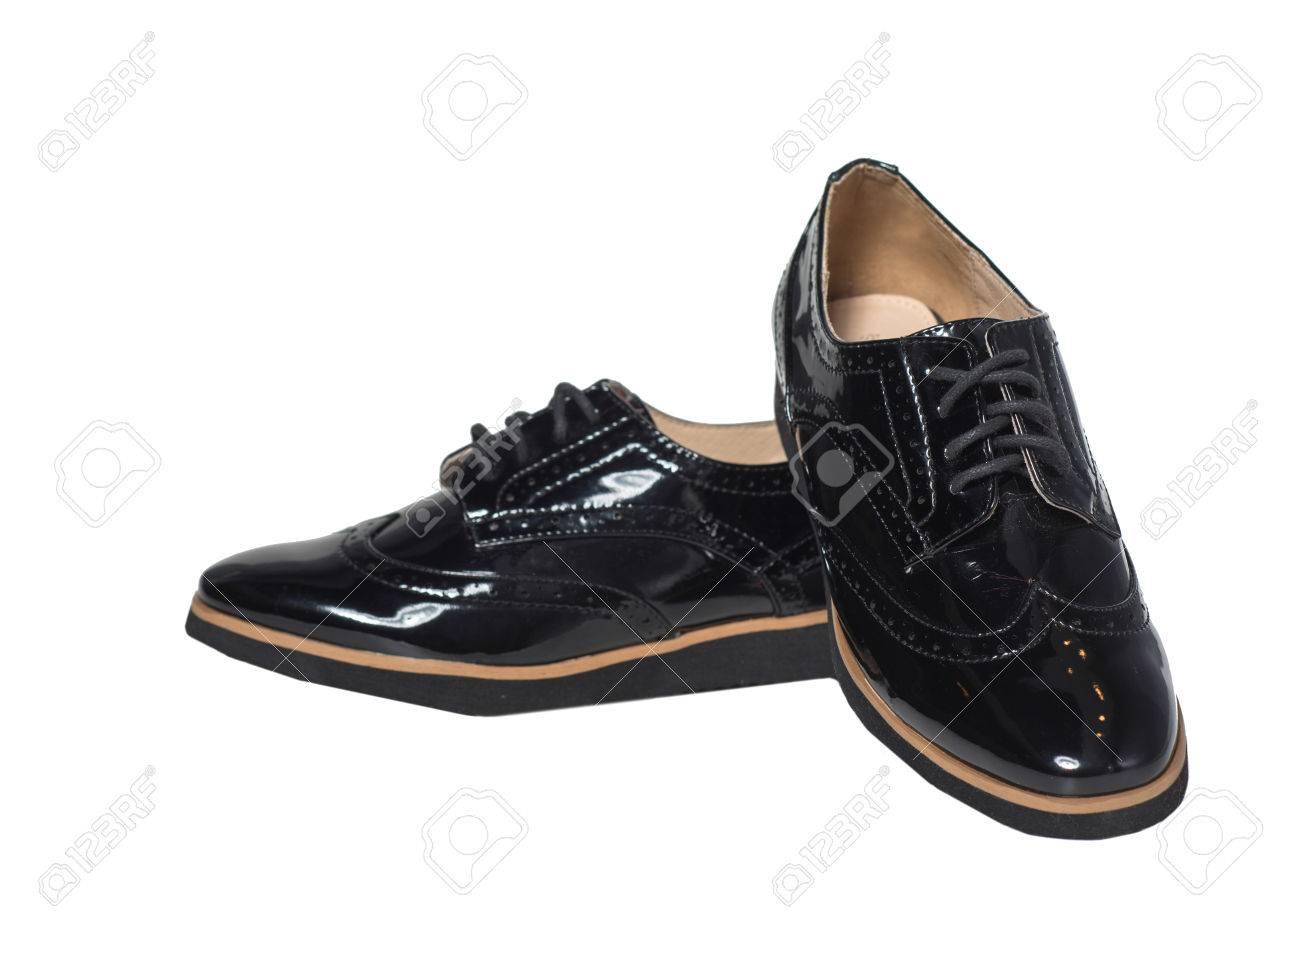 vrouwelijke schoenen